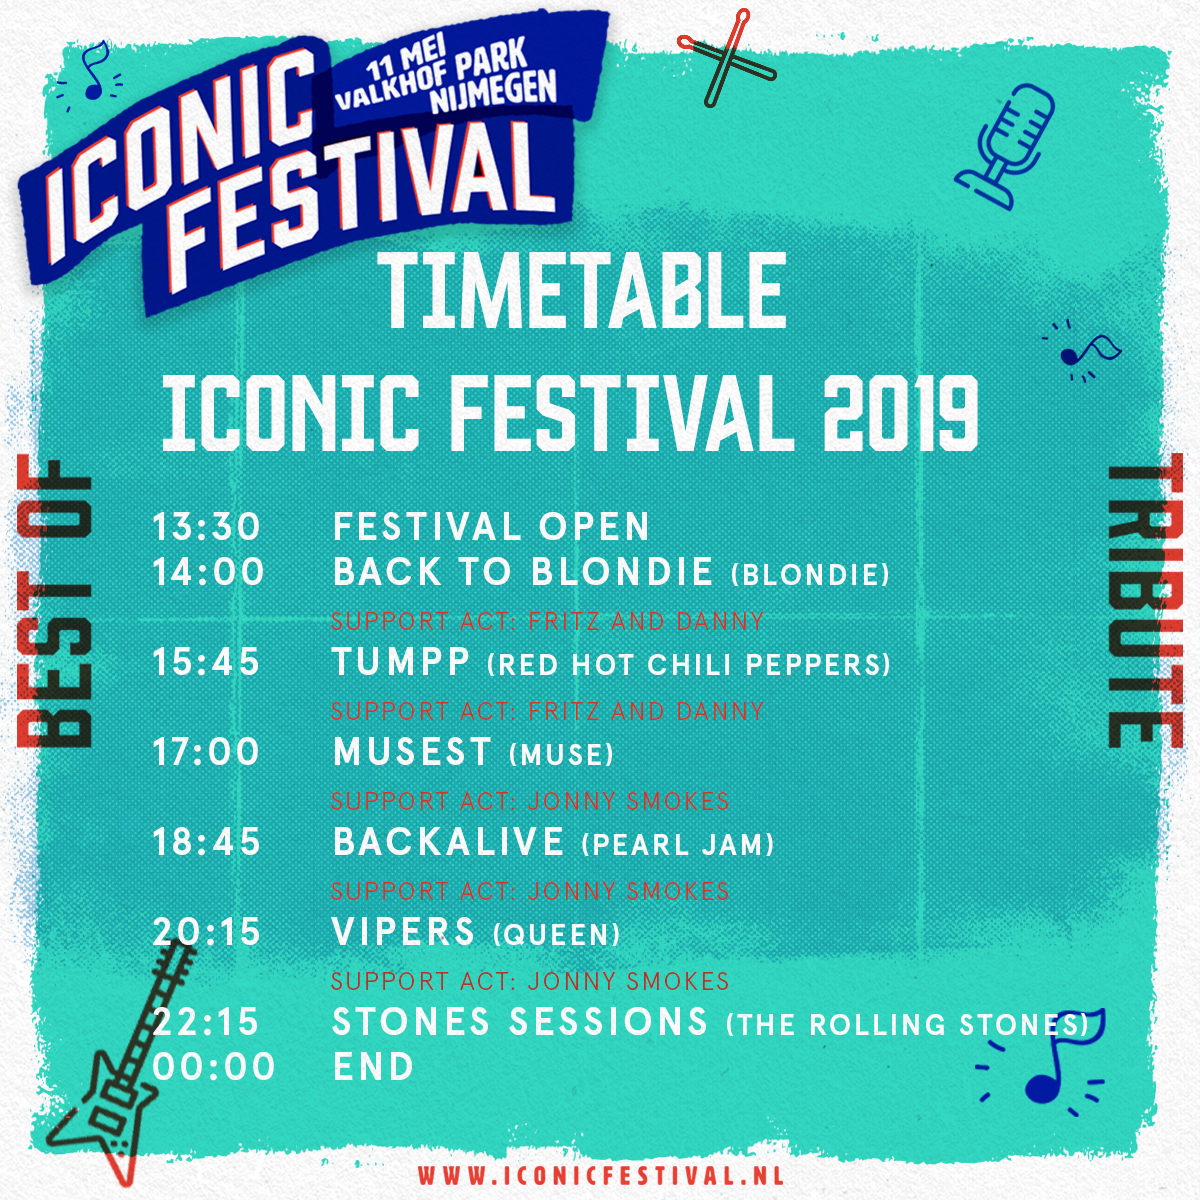 timetable_blauw_IconicFest copy